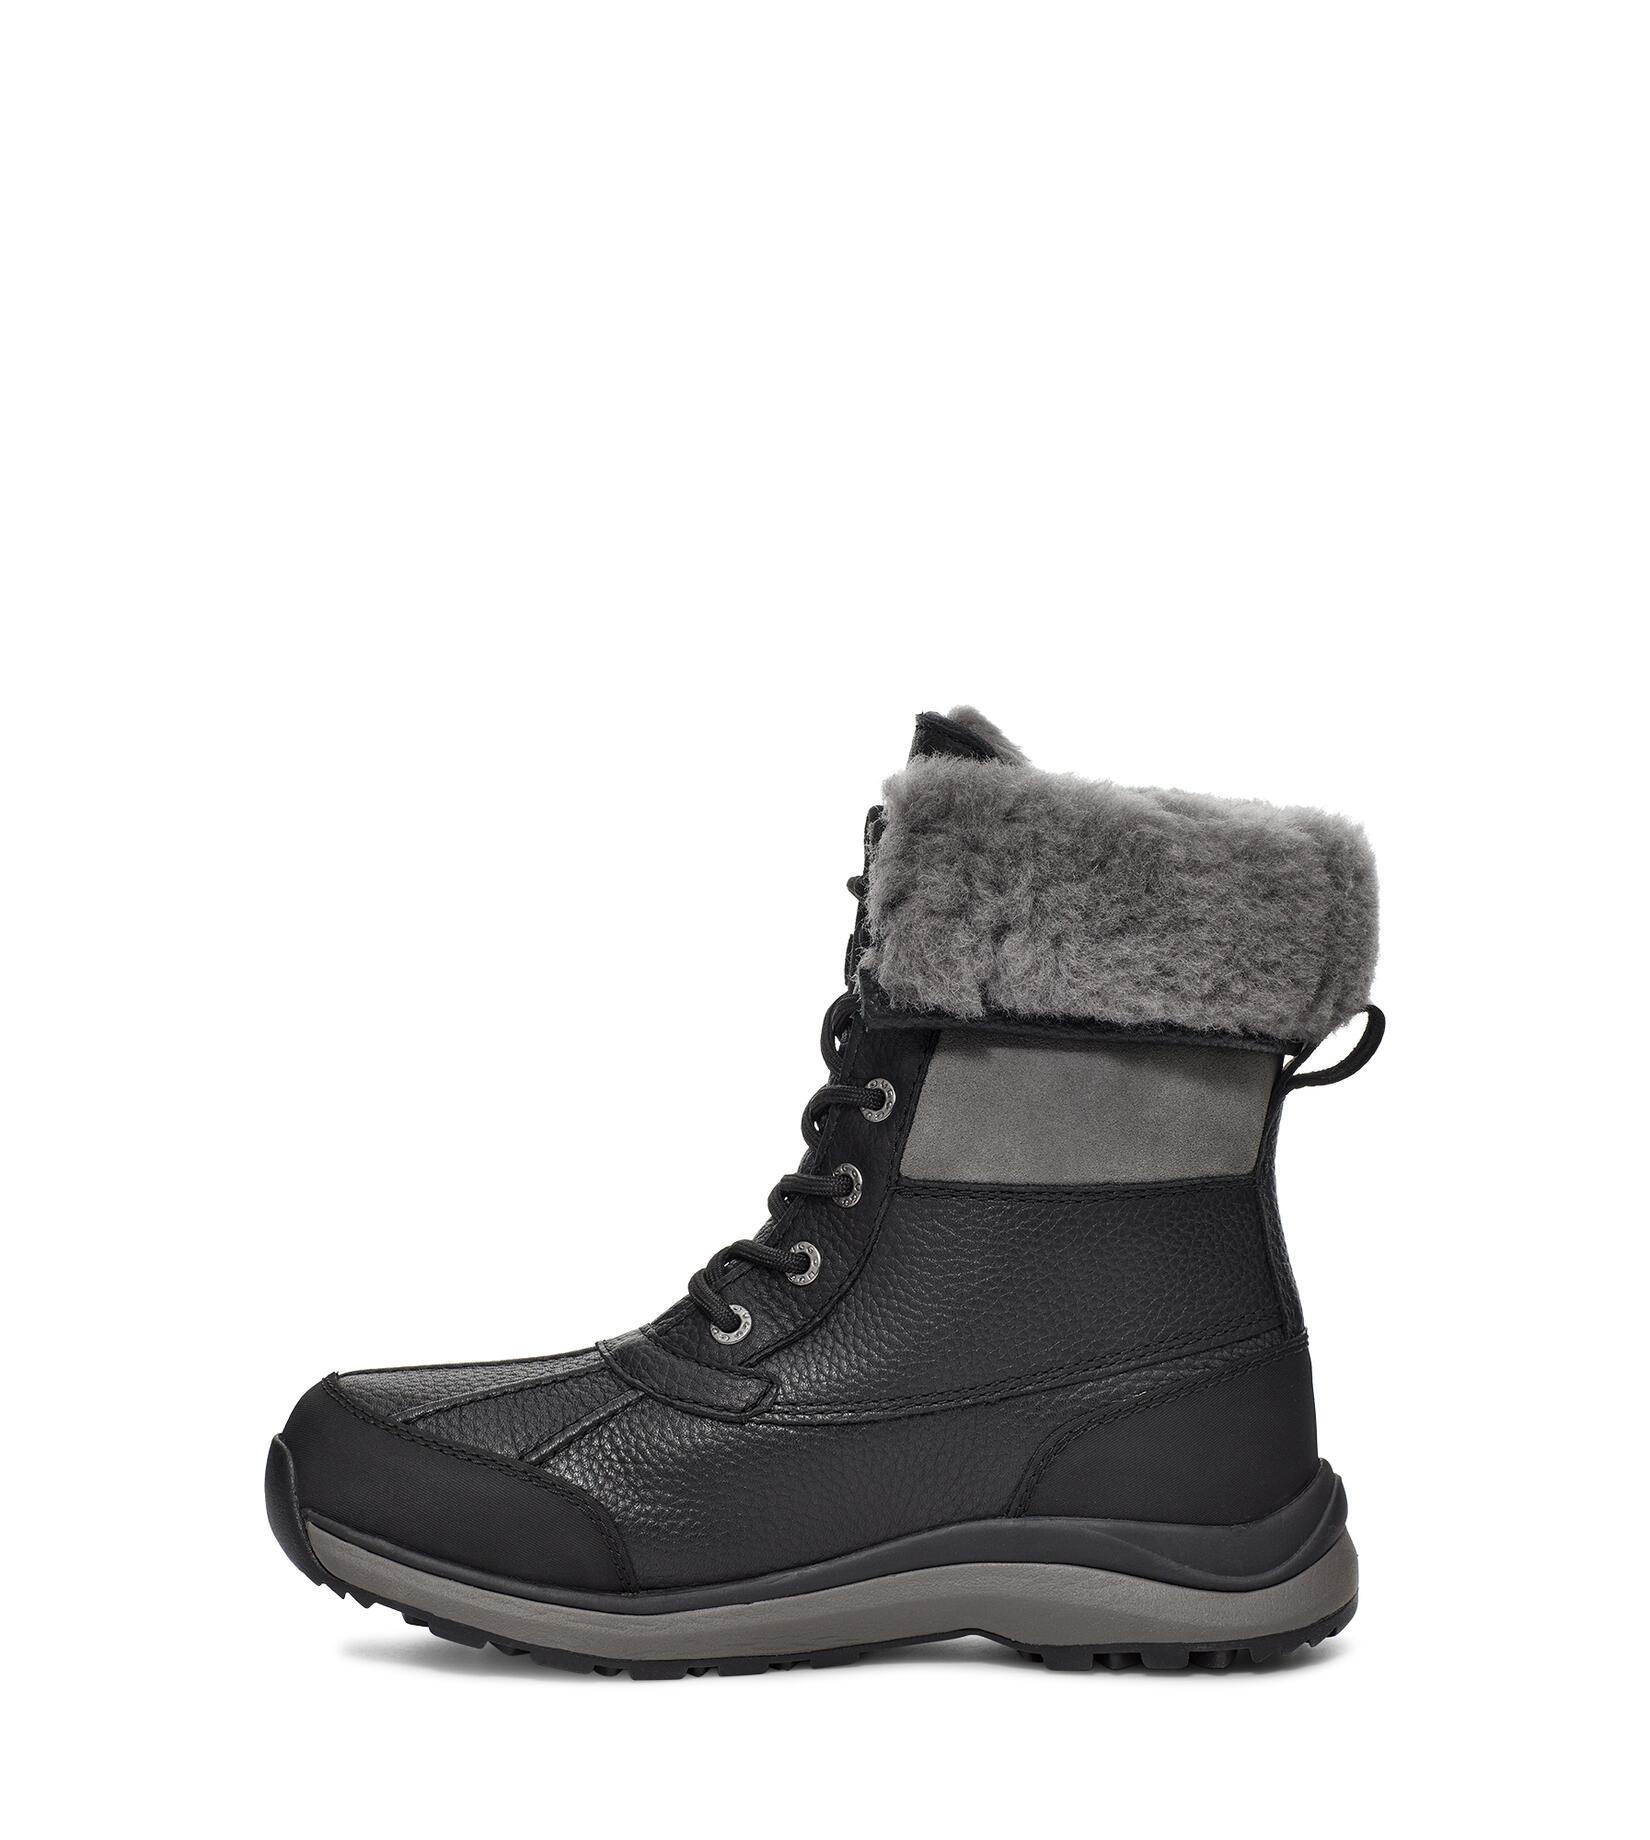 Adirondack III Warme Stiefel